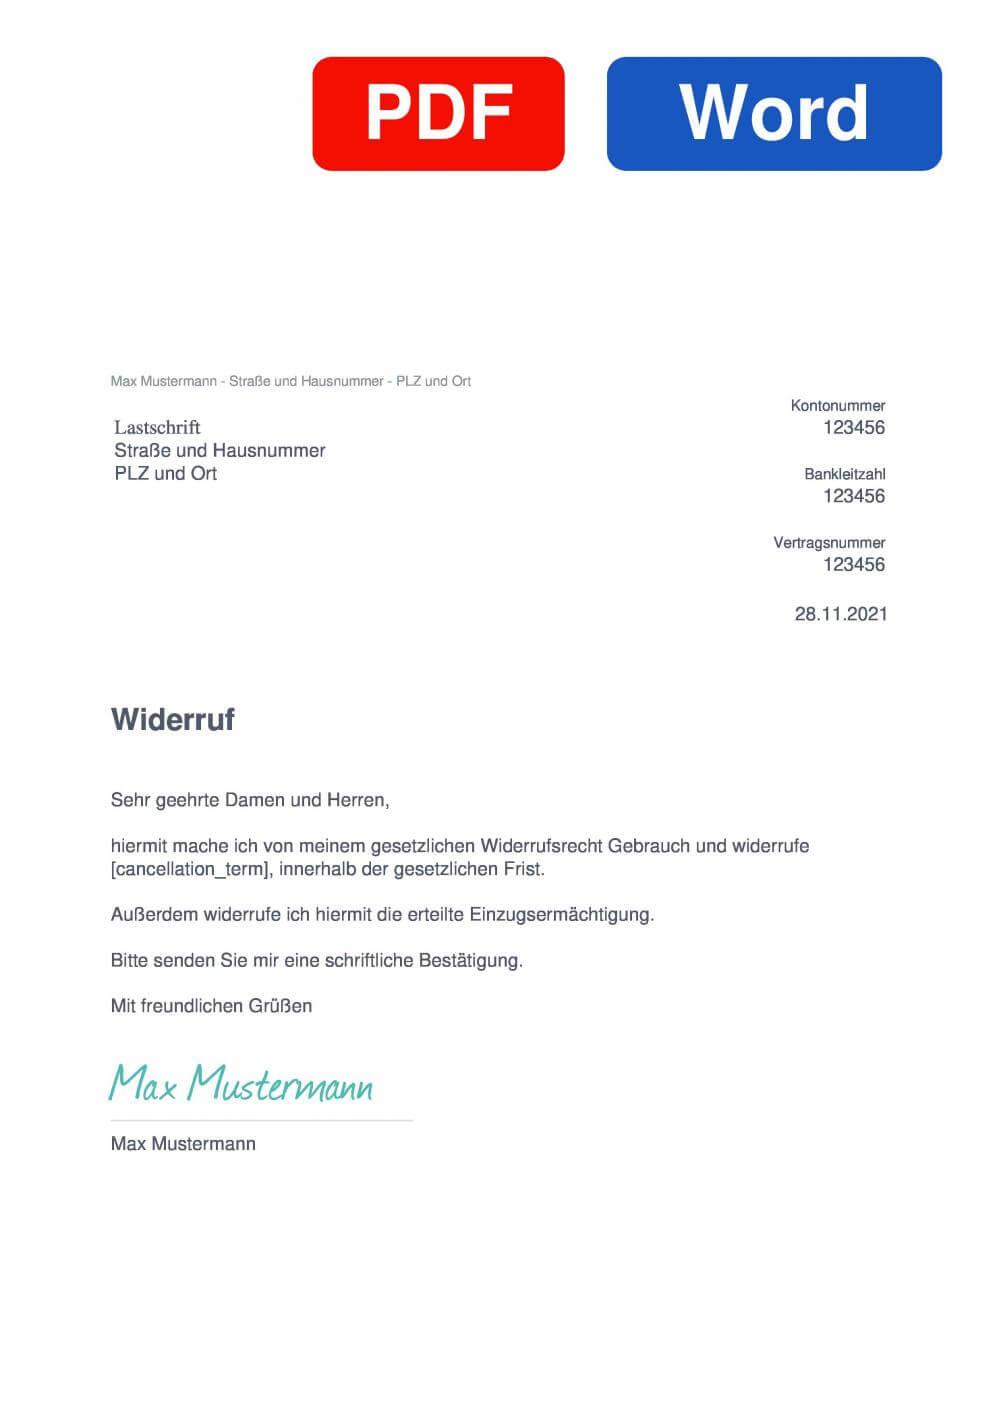 Lastschrift Muster Vorlage für Wiederrufsschreiben